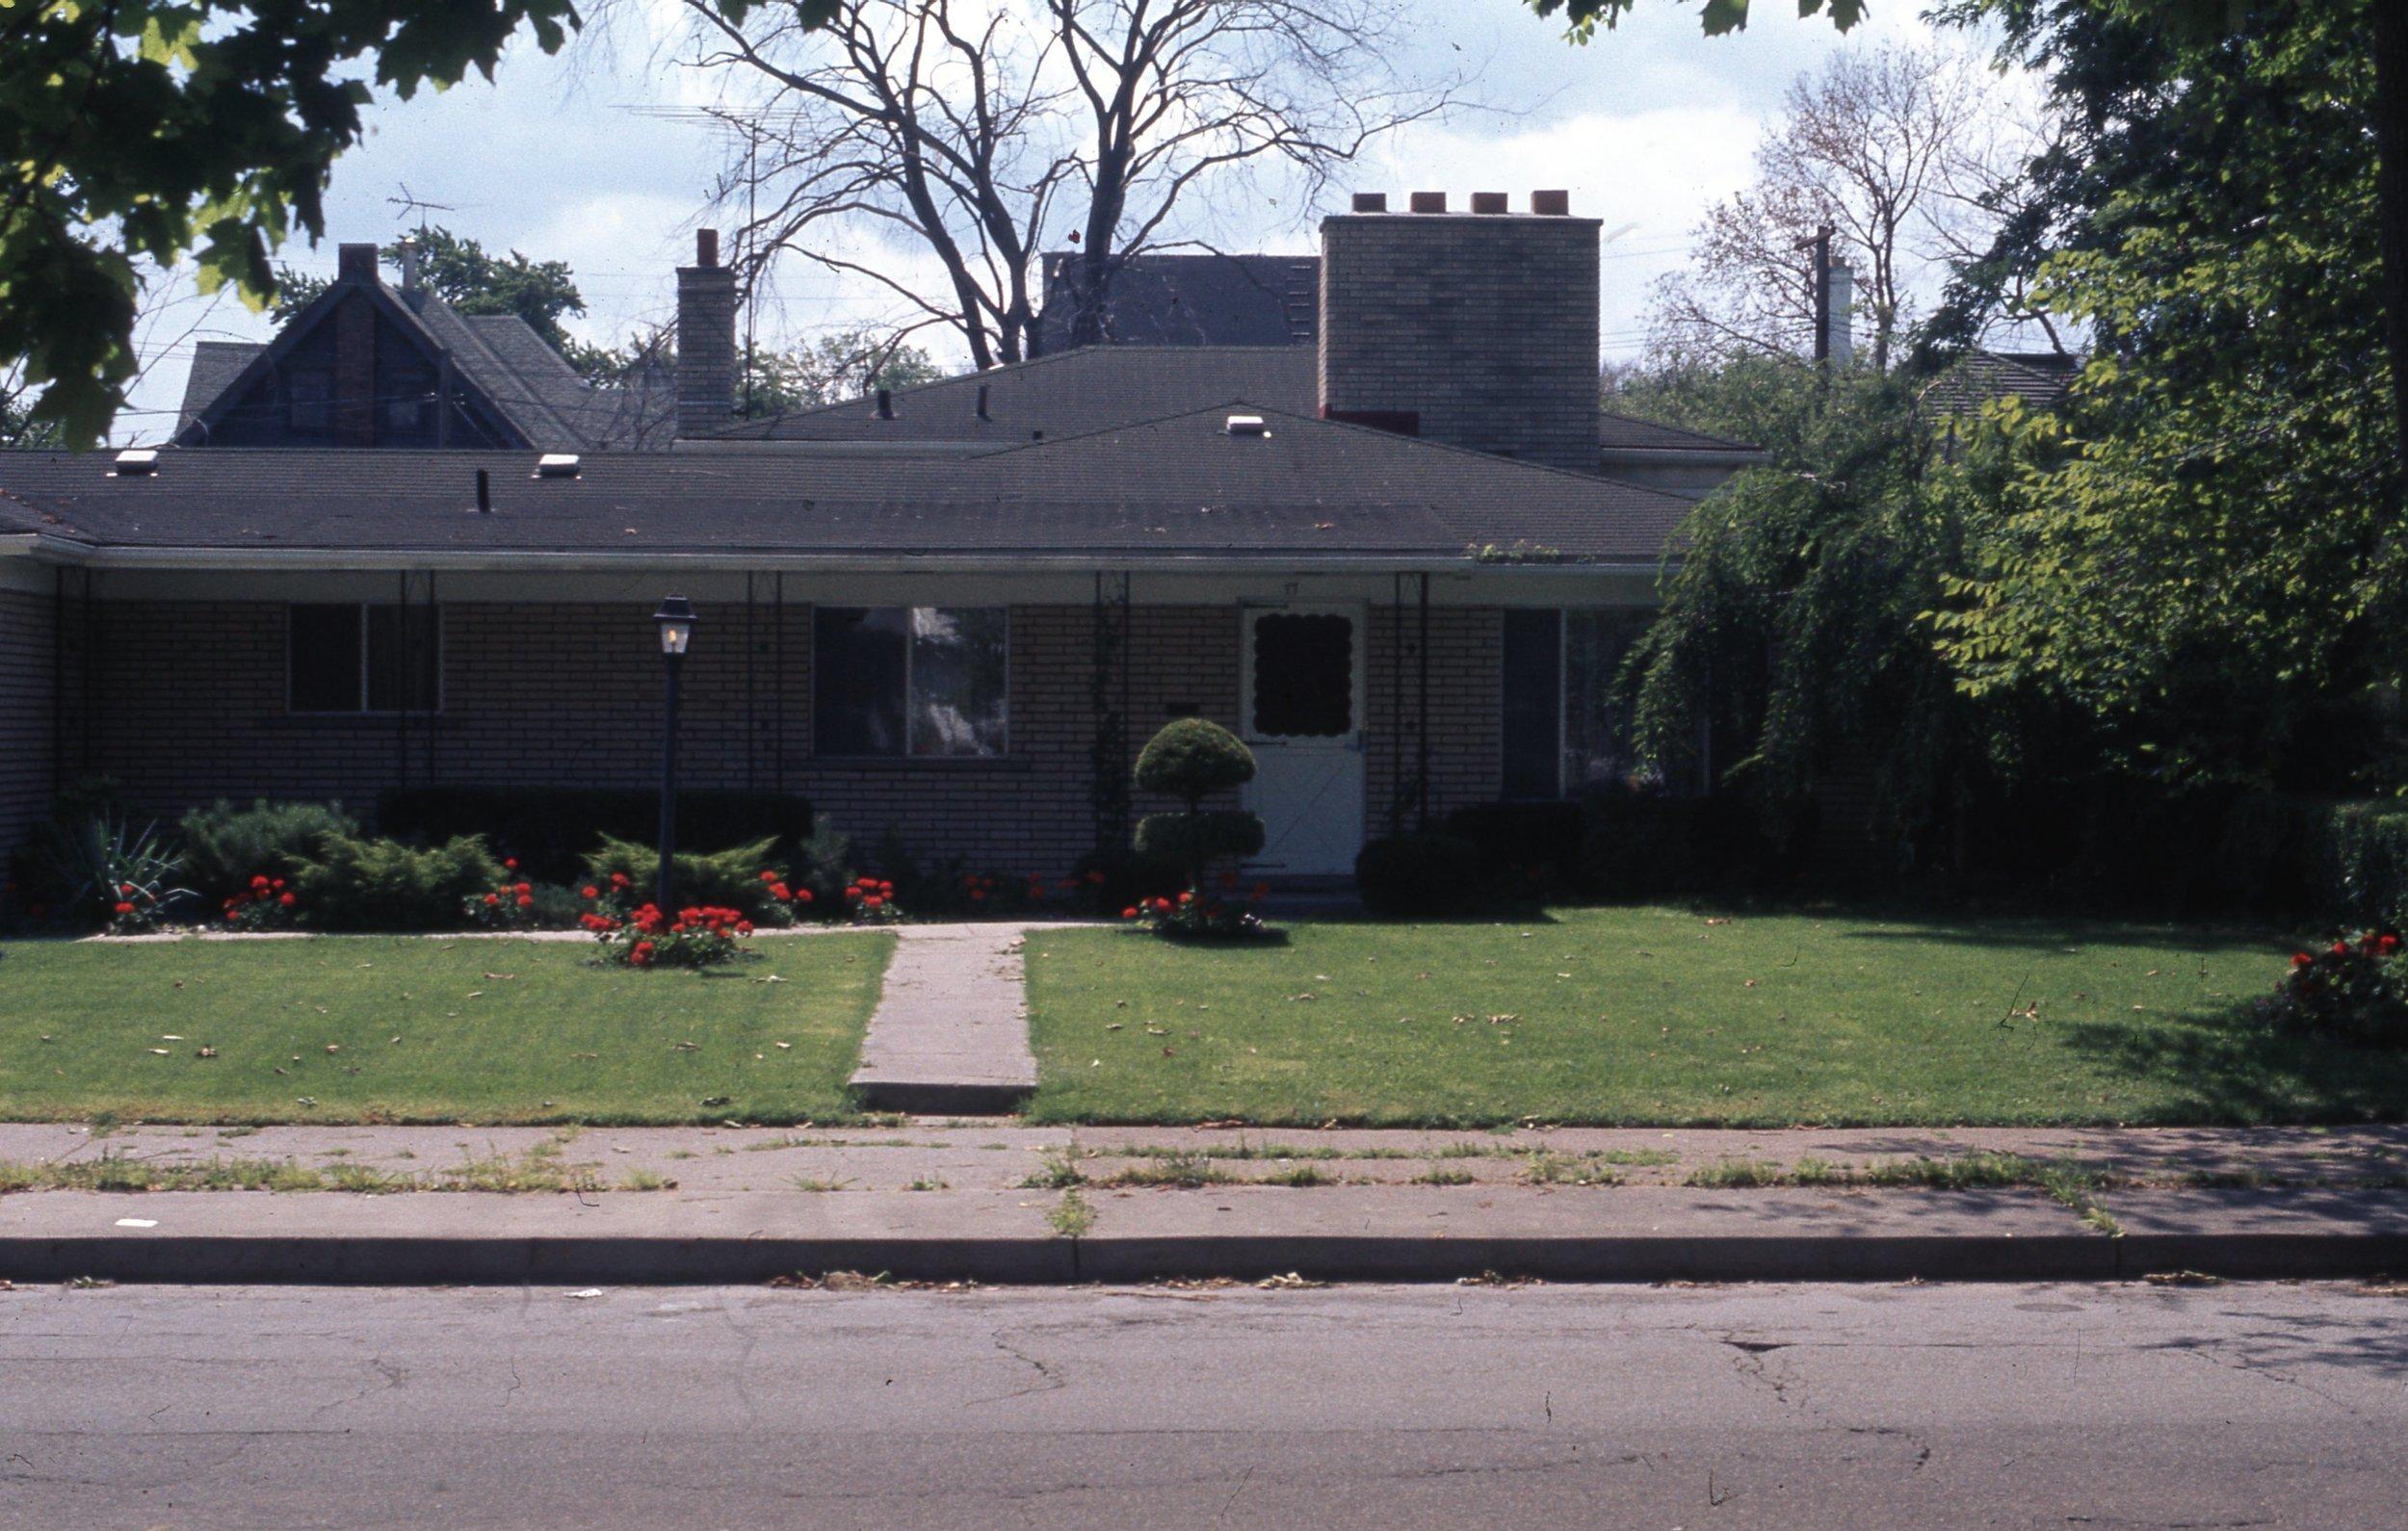 77 W. Chicago 1974.jpg